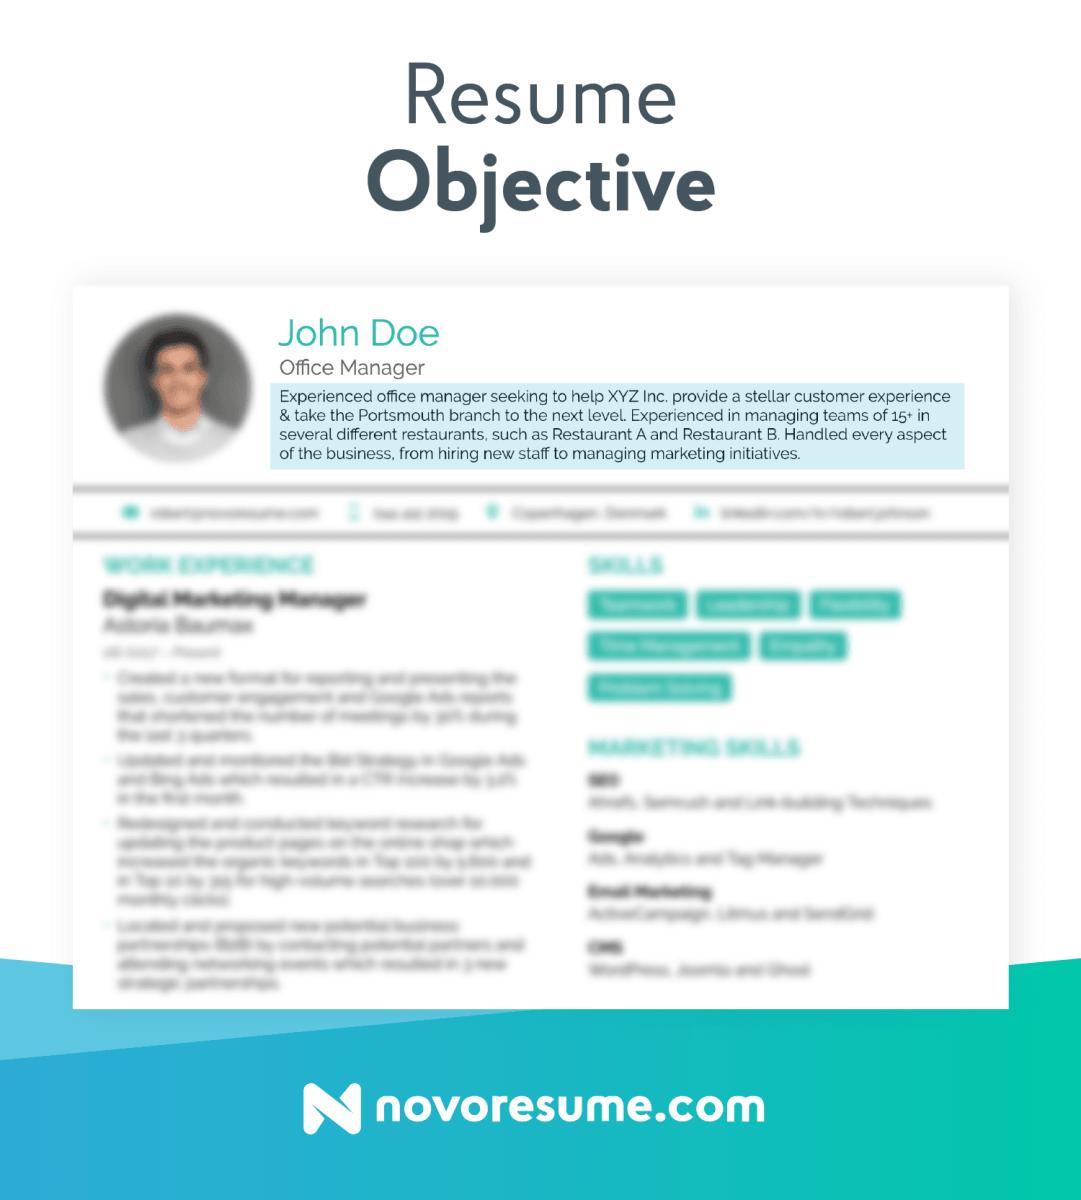 Objective For Resume Resume Objective objective for resume wikiresume.com